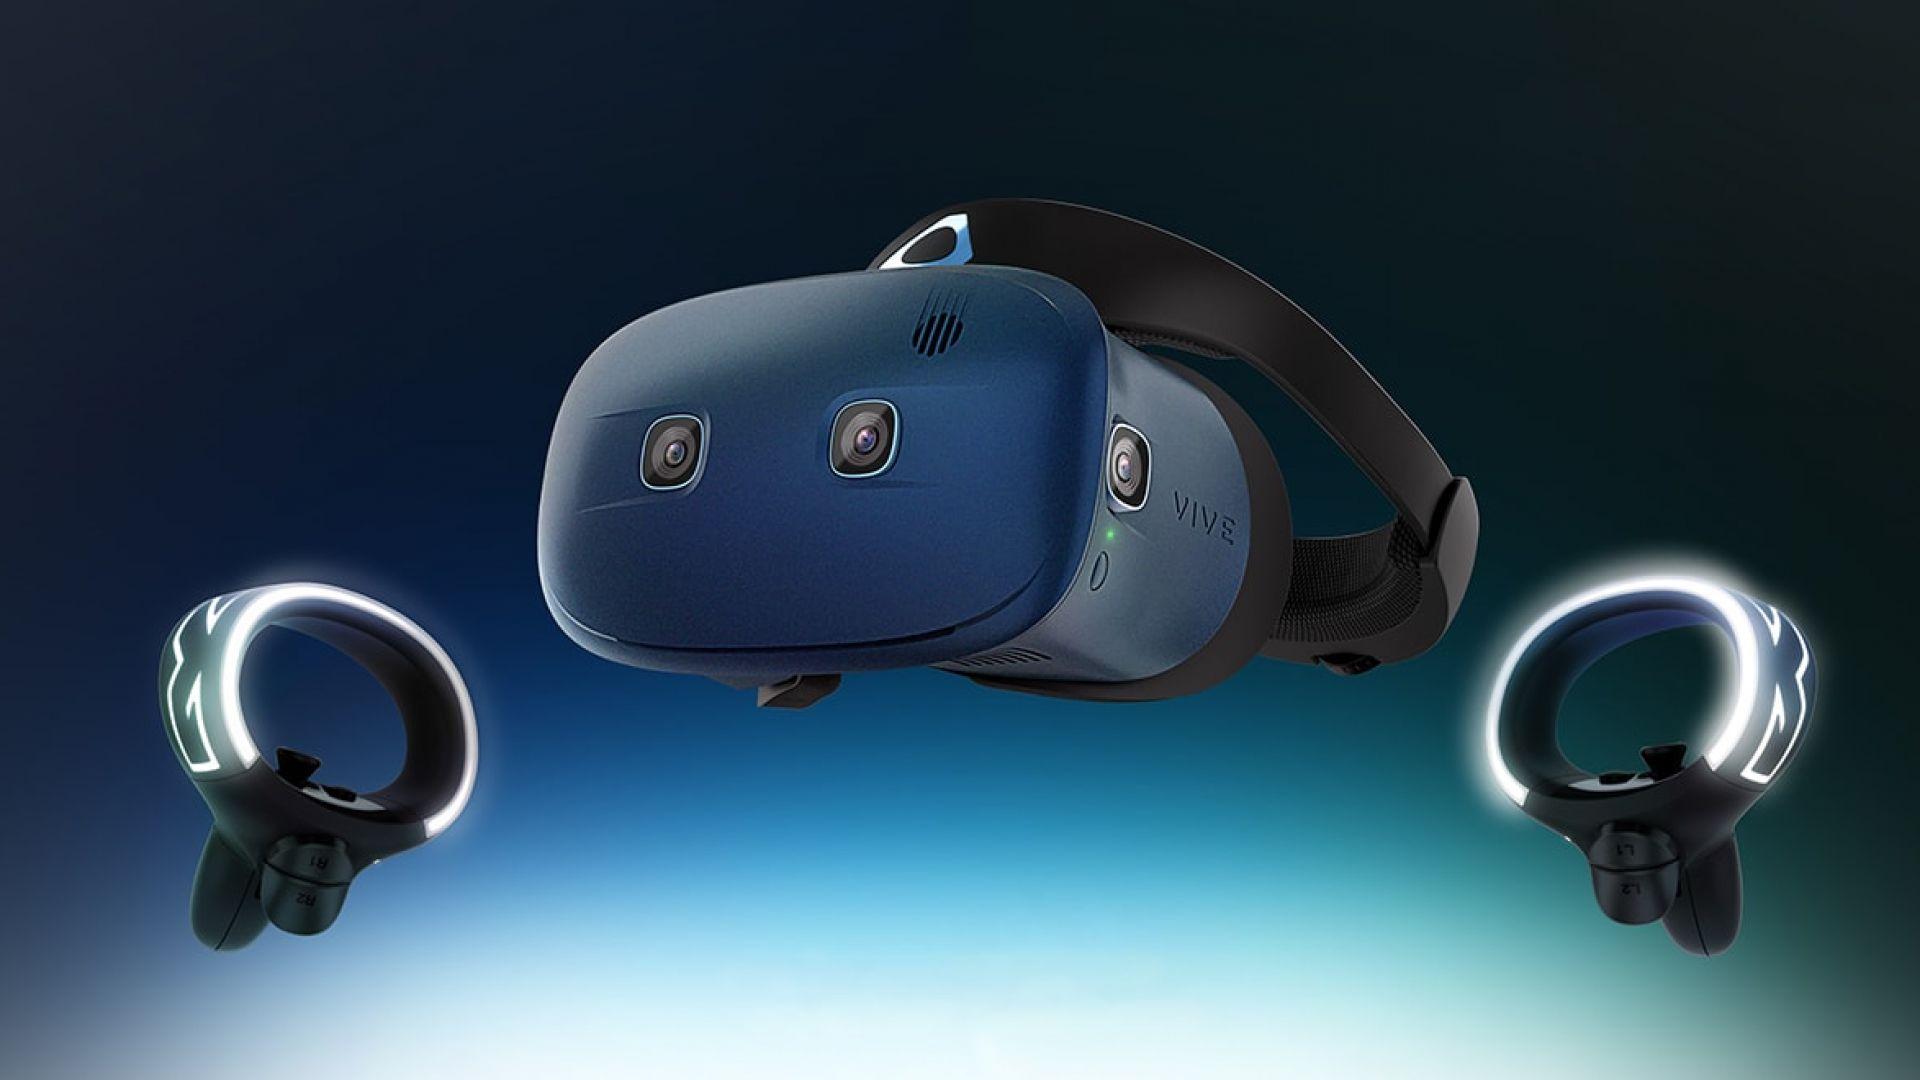 Apple започва съвместна работа с Valve за създаването на AR шлем